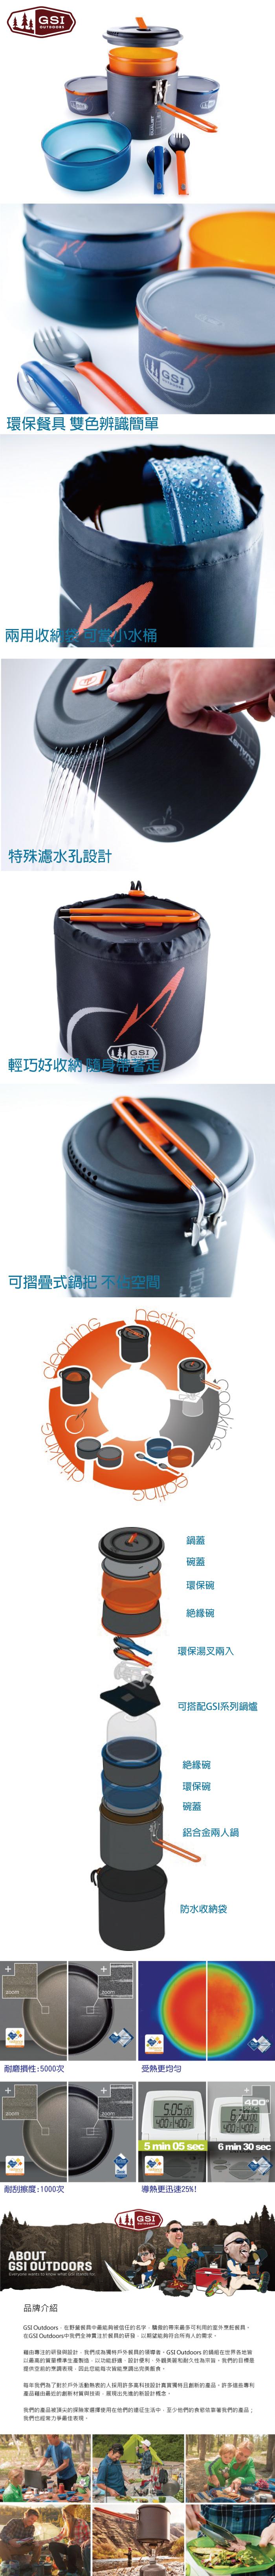 (複製)美國GSI Halulite Minimalist 陽極氧化鋁合金個人鍋組含湯叉